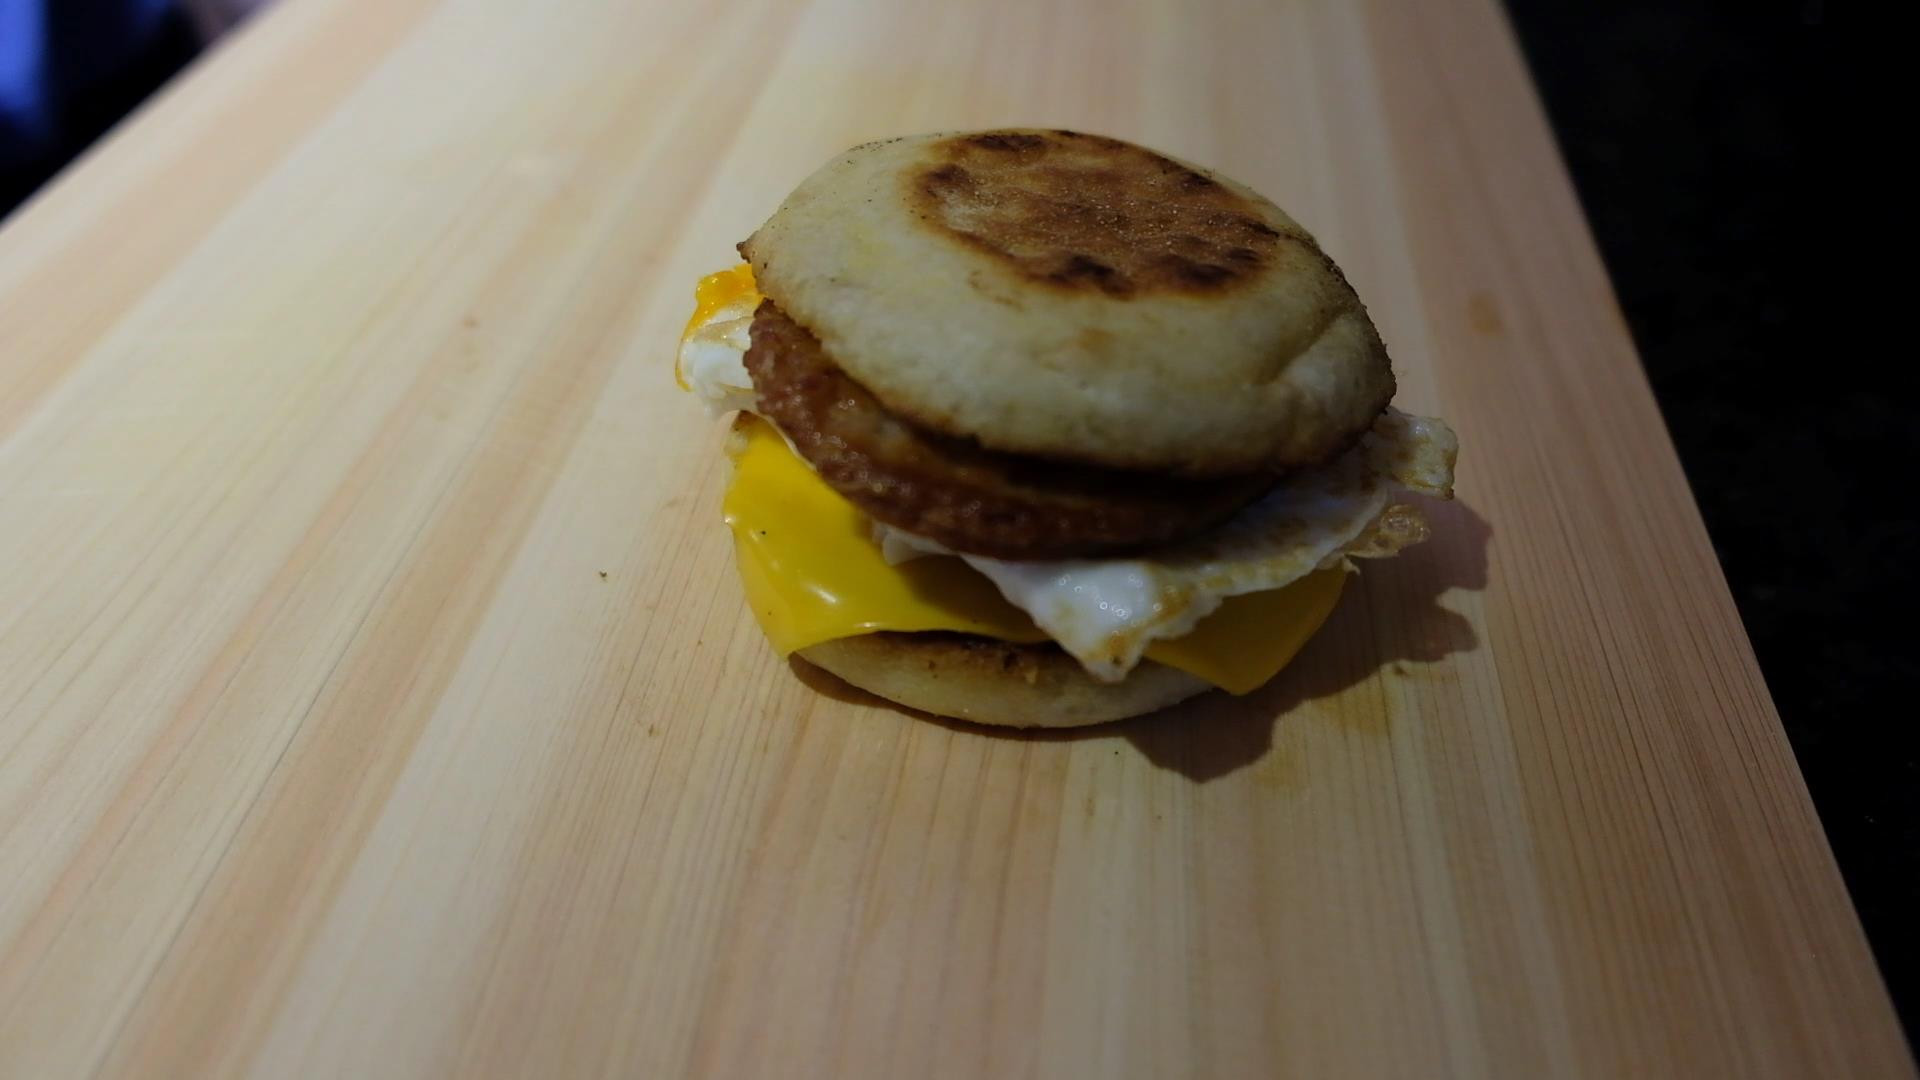 [影片][美國] 豬柳蛋漢堡